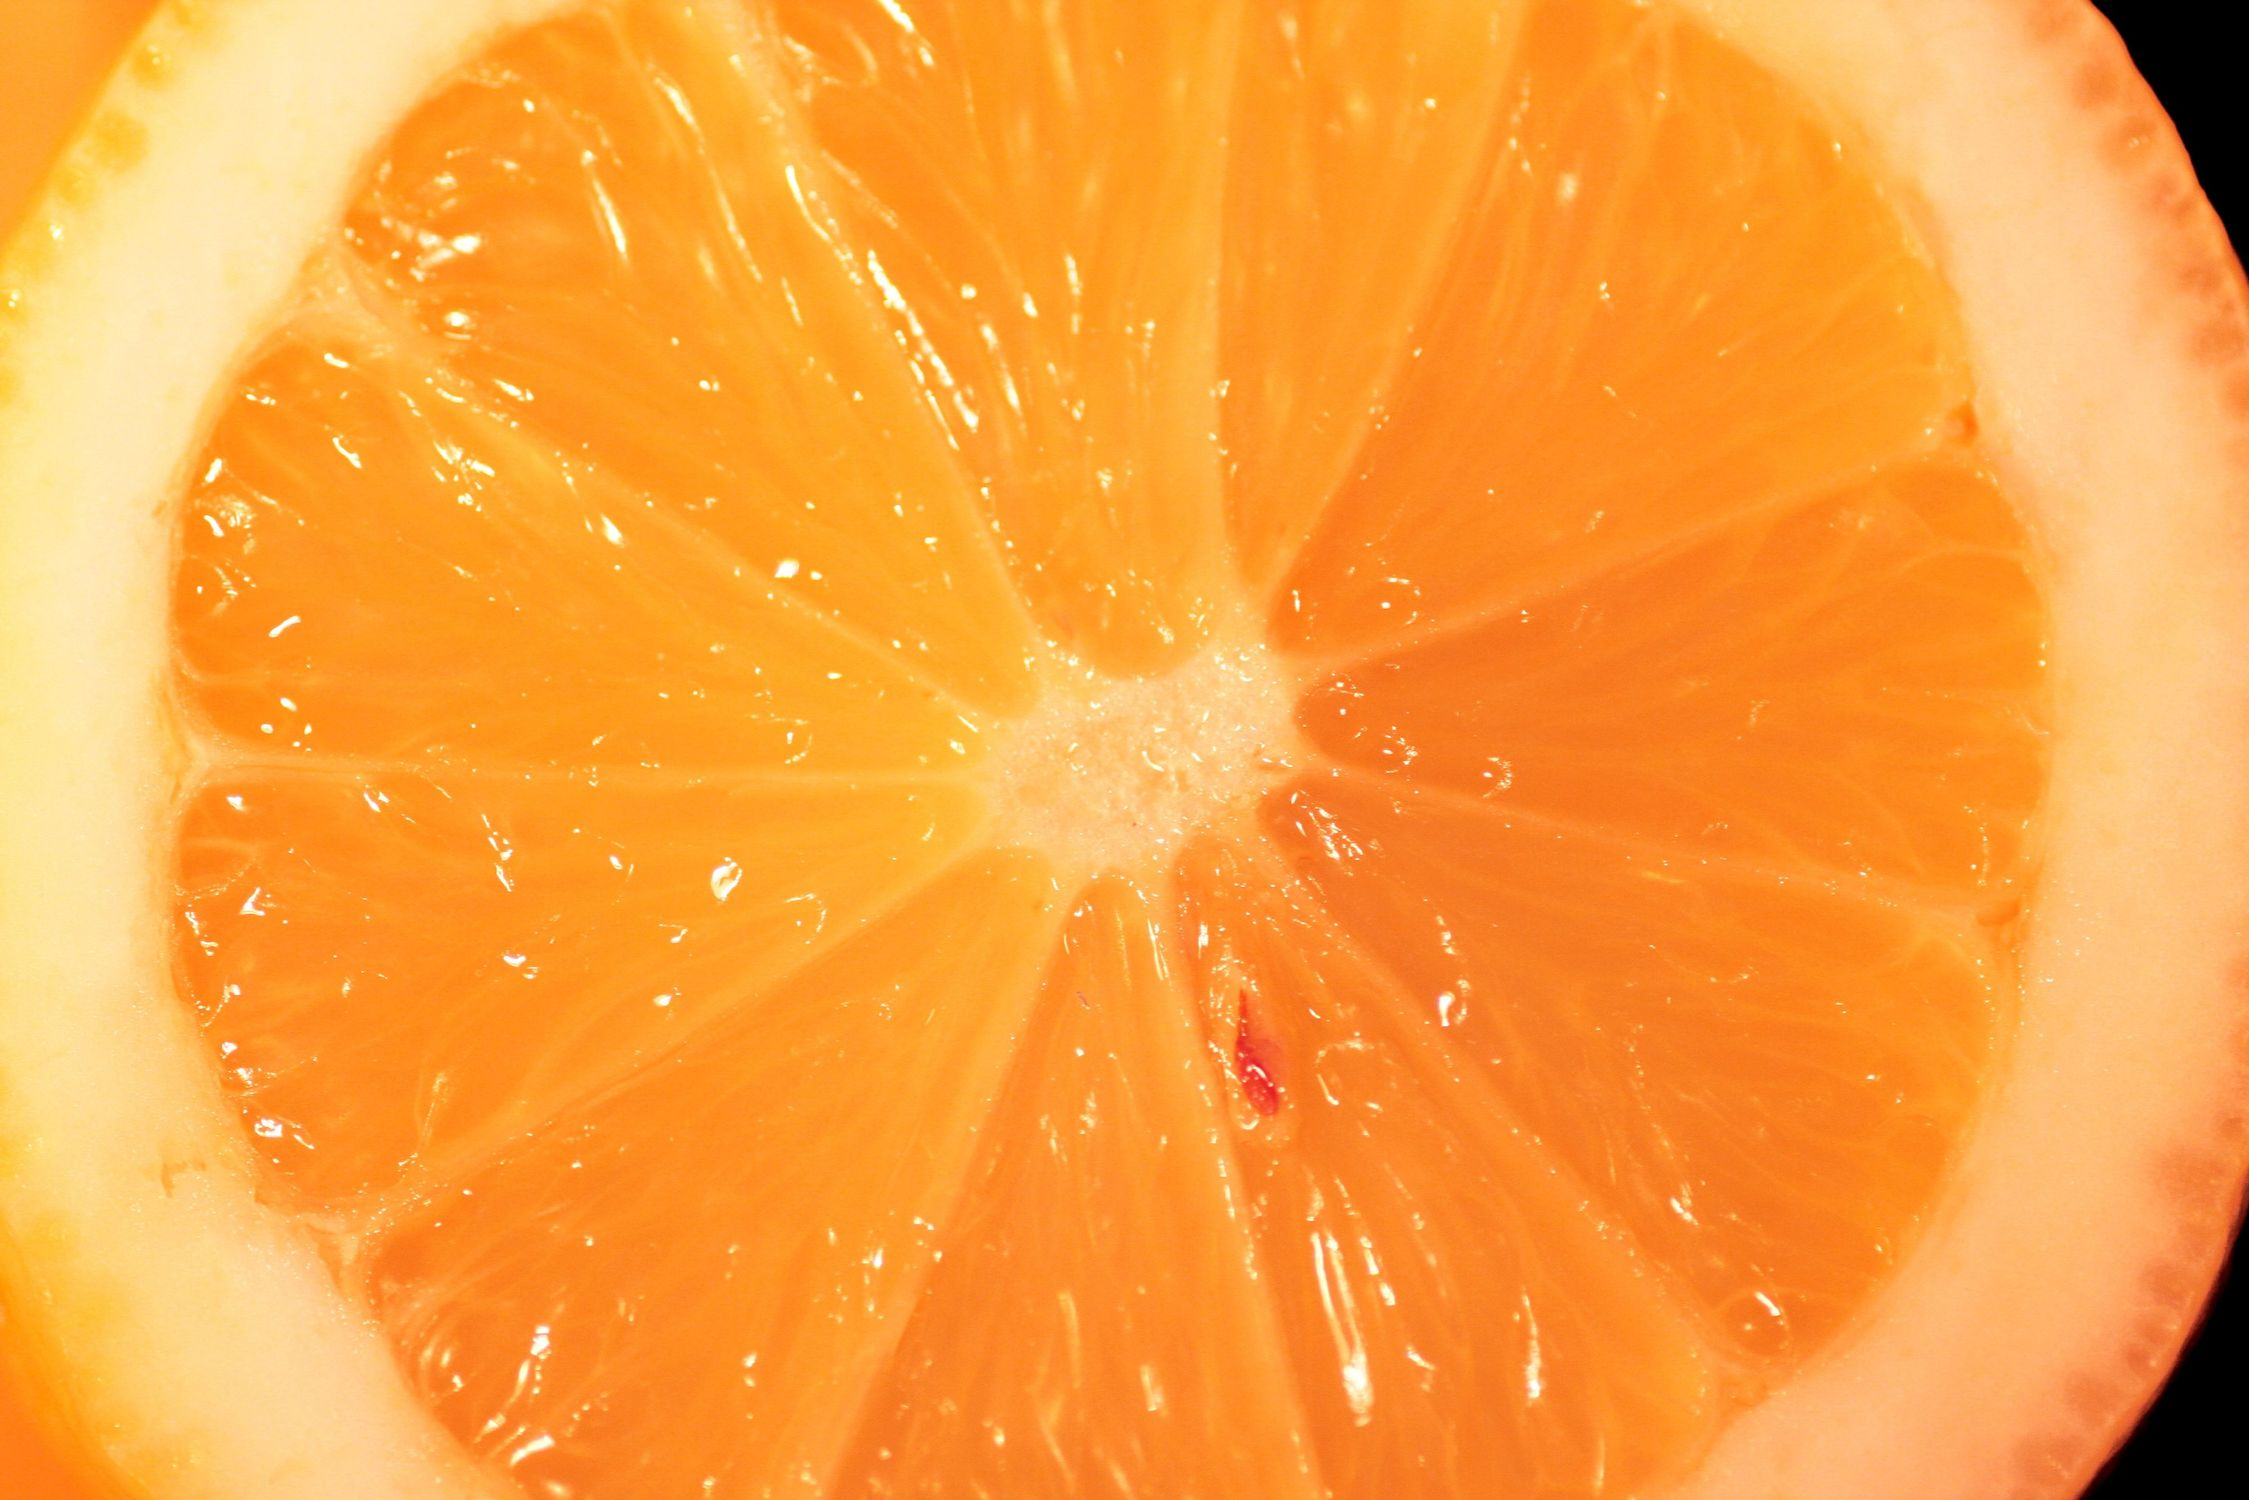 Bild mit Früchte, Lebensmittel, Essen, Zitrusfrüchte, Orangen, Grapefruits, Mandarinen